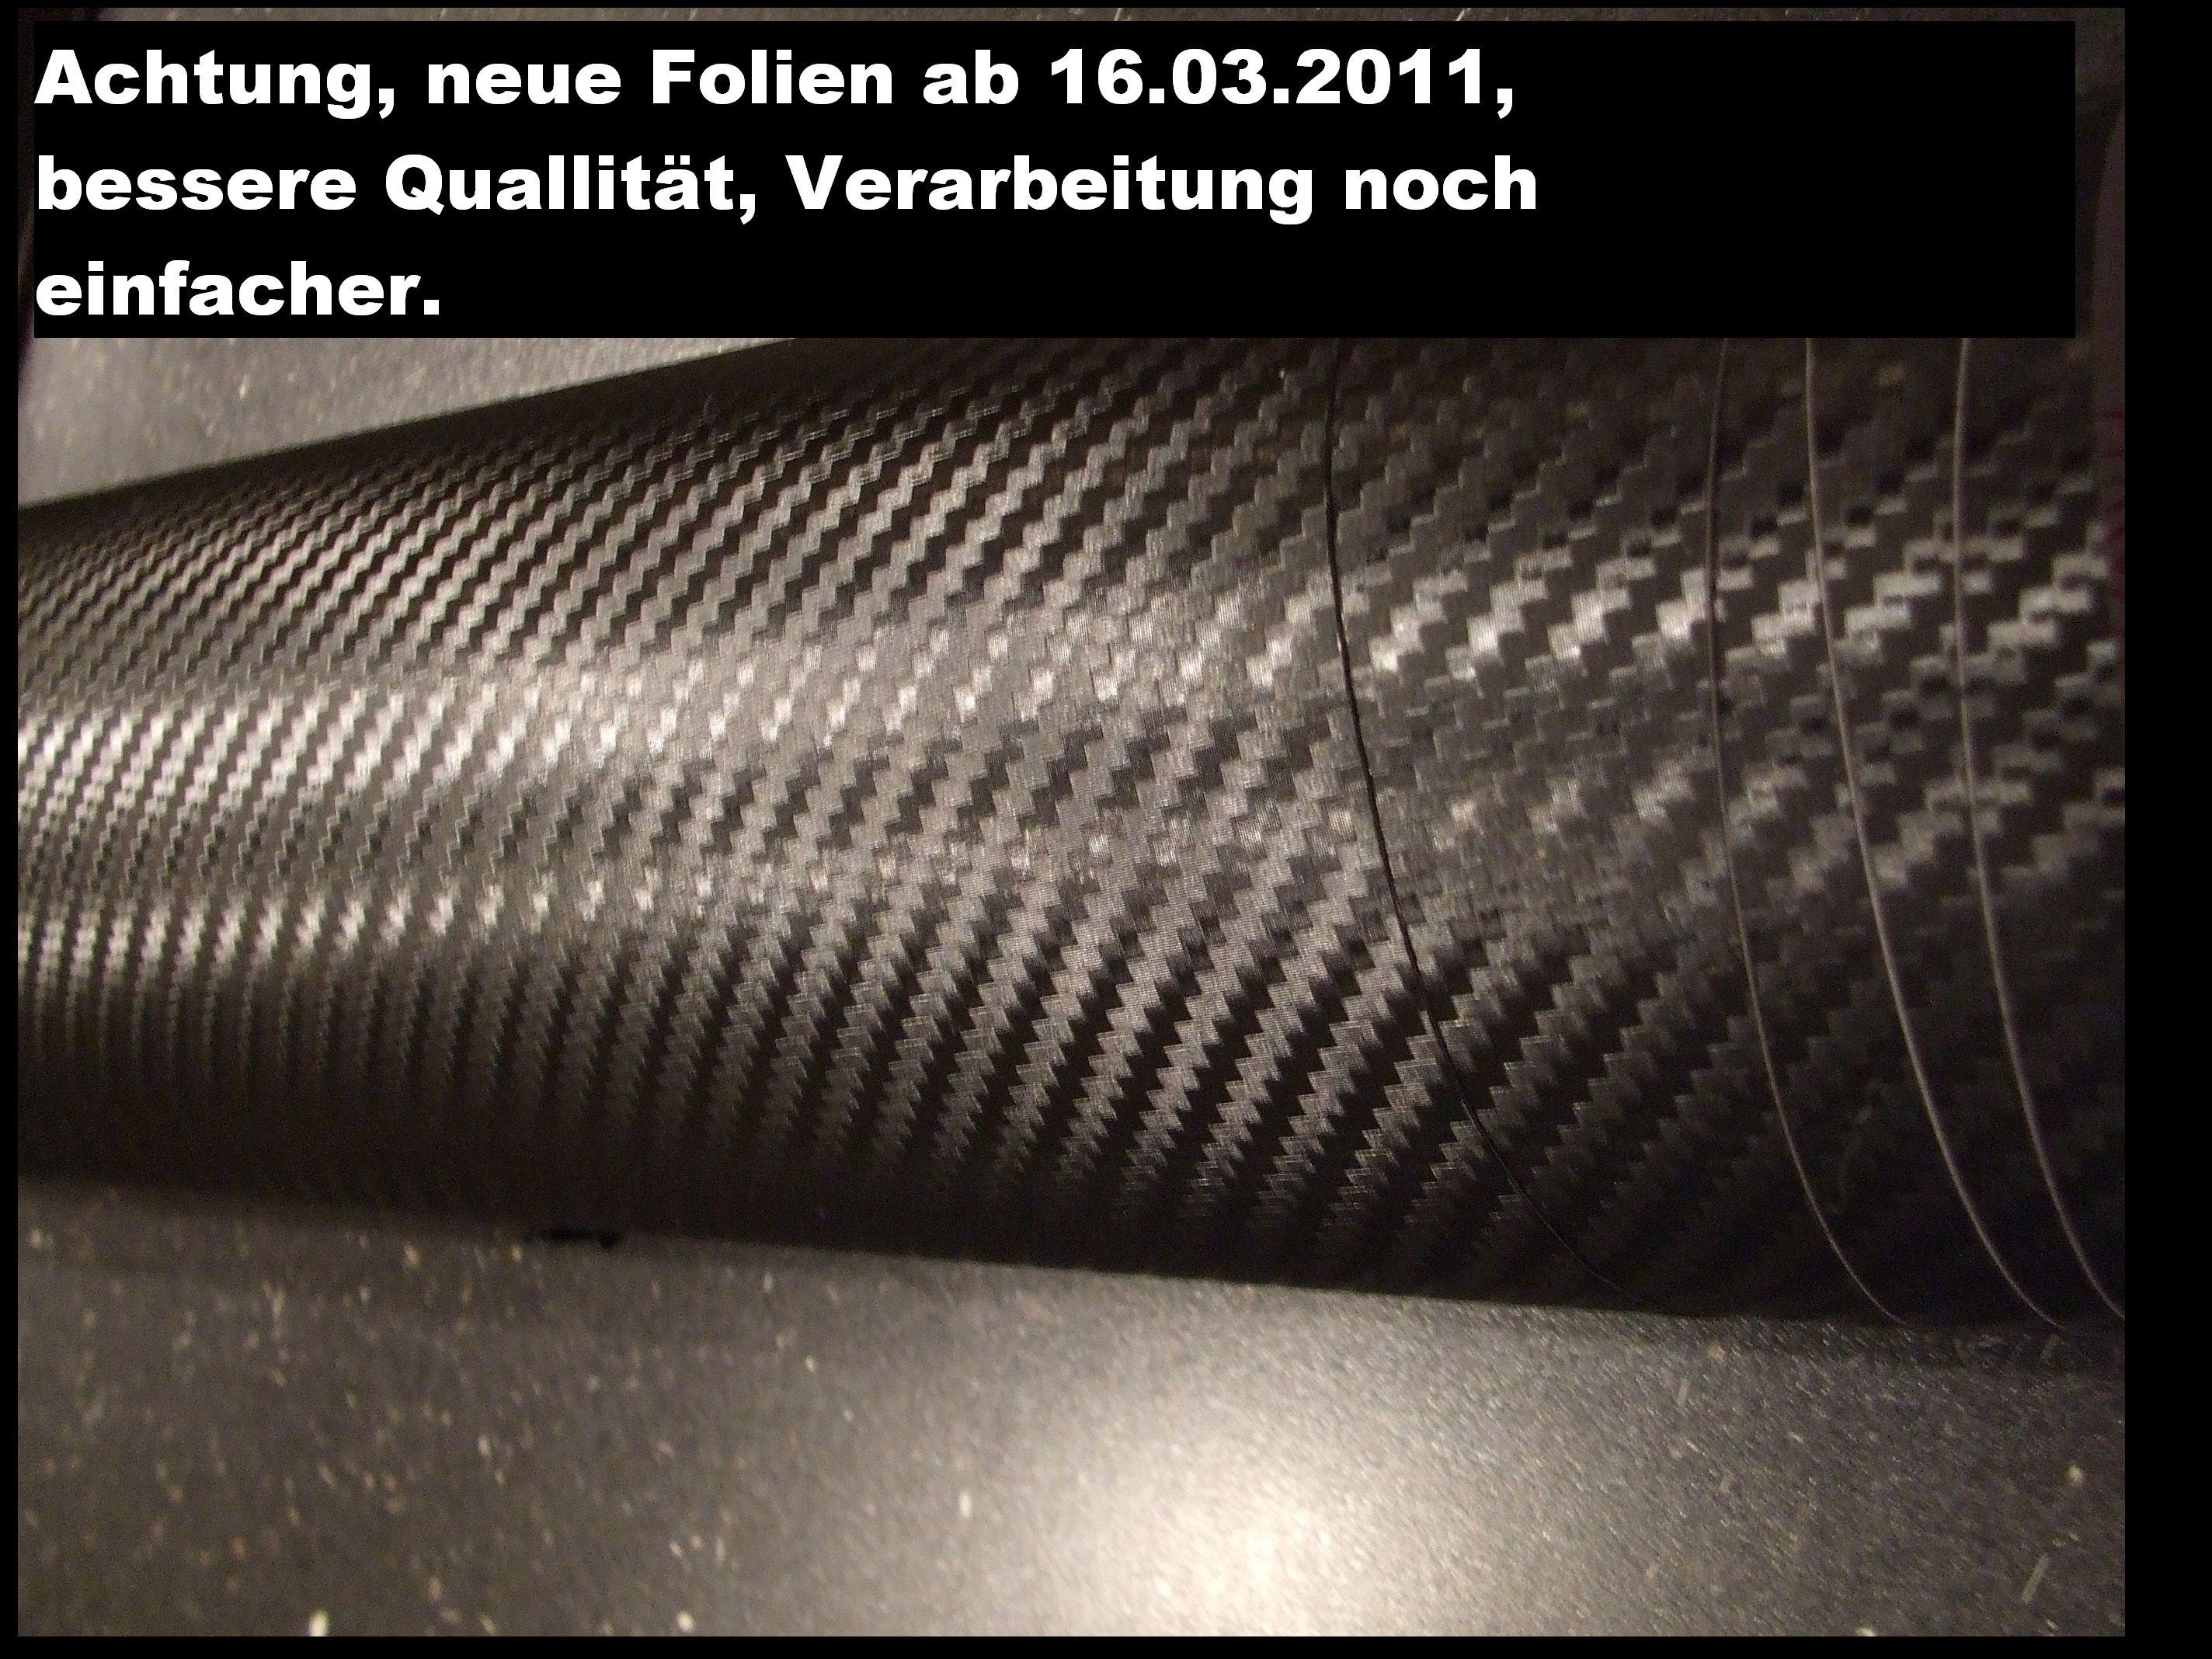 Carbon folie 3d schwarz klebefolie struktur 300x 152 cm ebay for Klebefolie abwaschbar